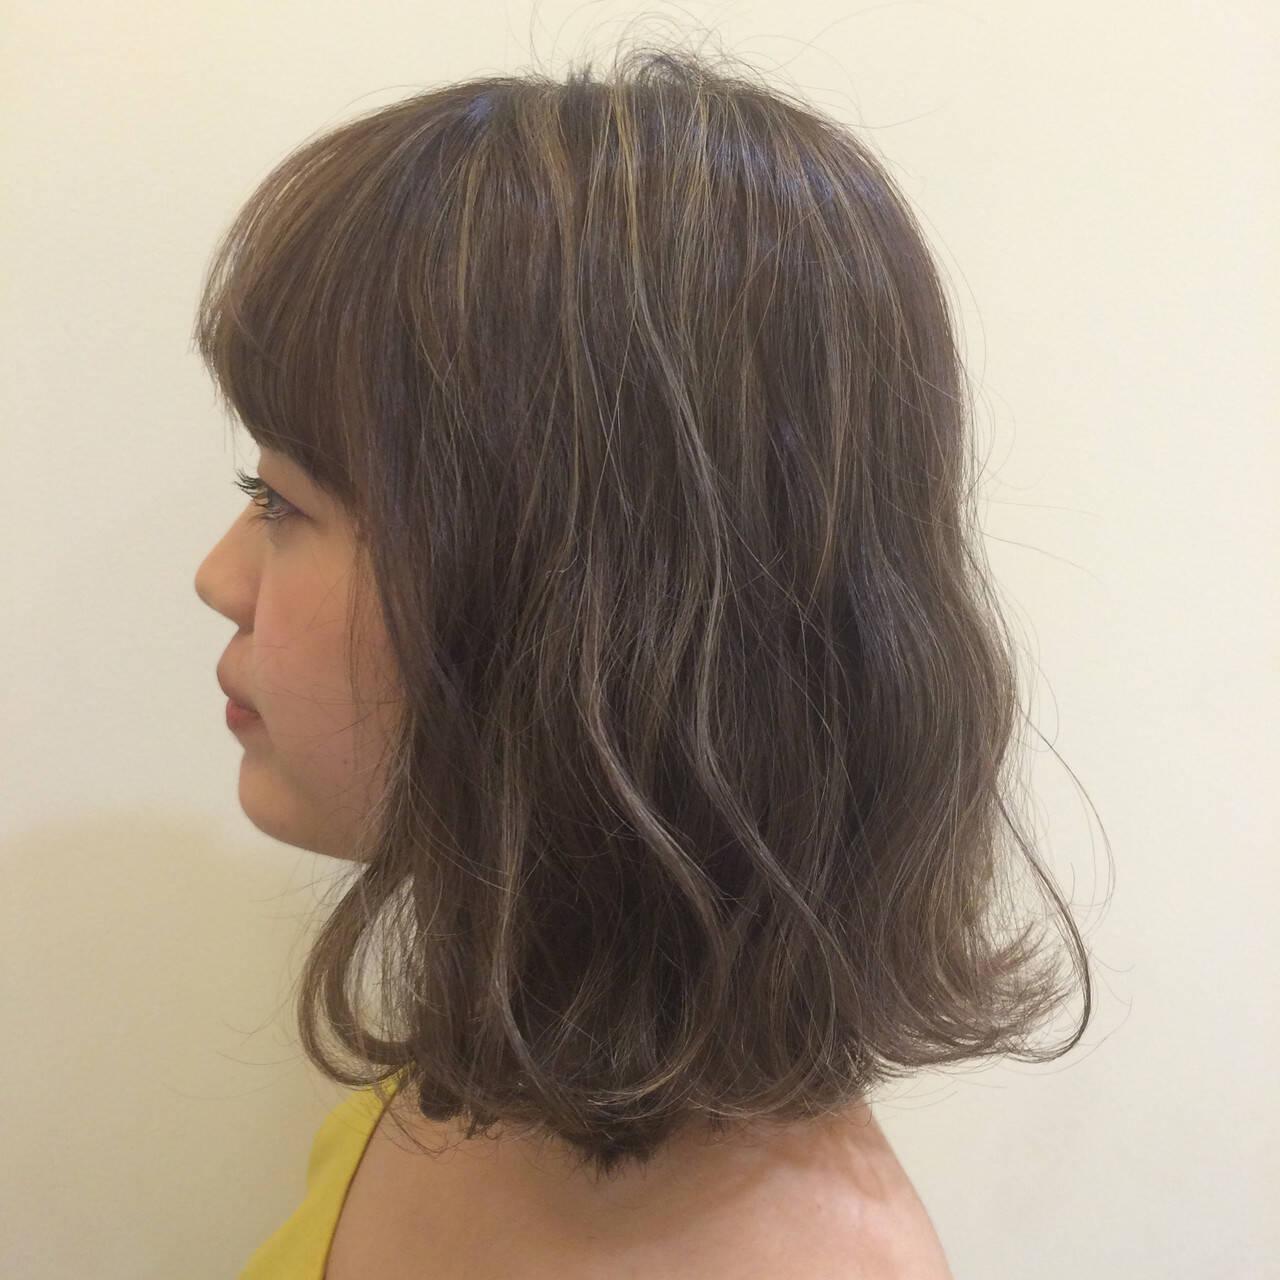 ナチュラル ゆるふわ ハイライト 極細ハイライトヘアスタイルや髪型の写真・画像